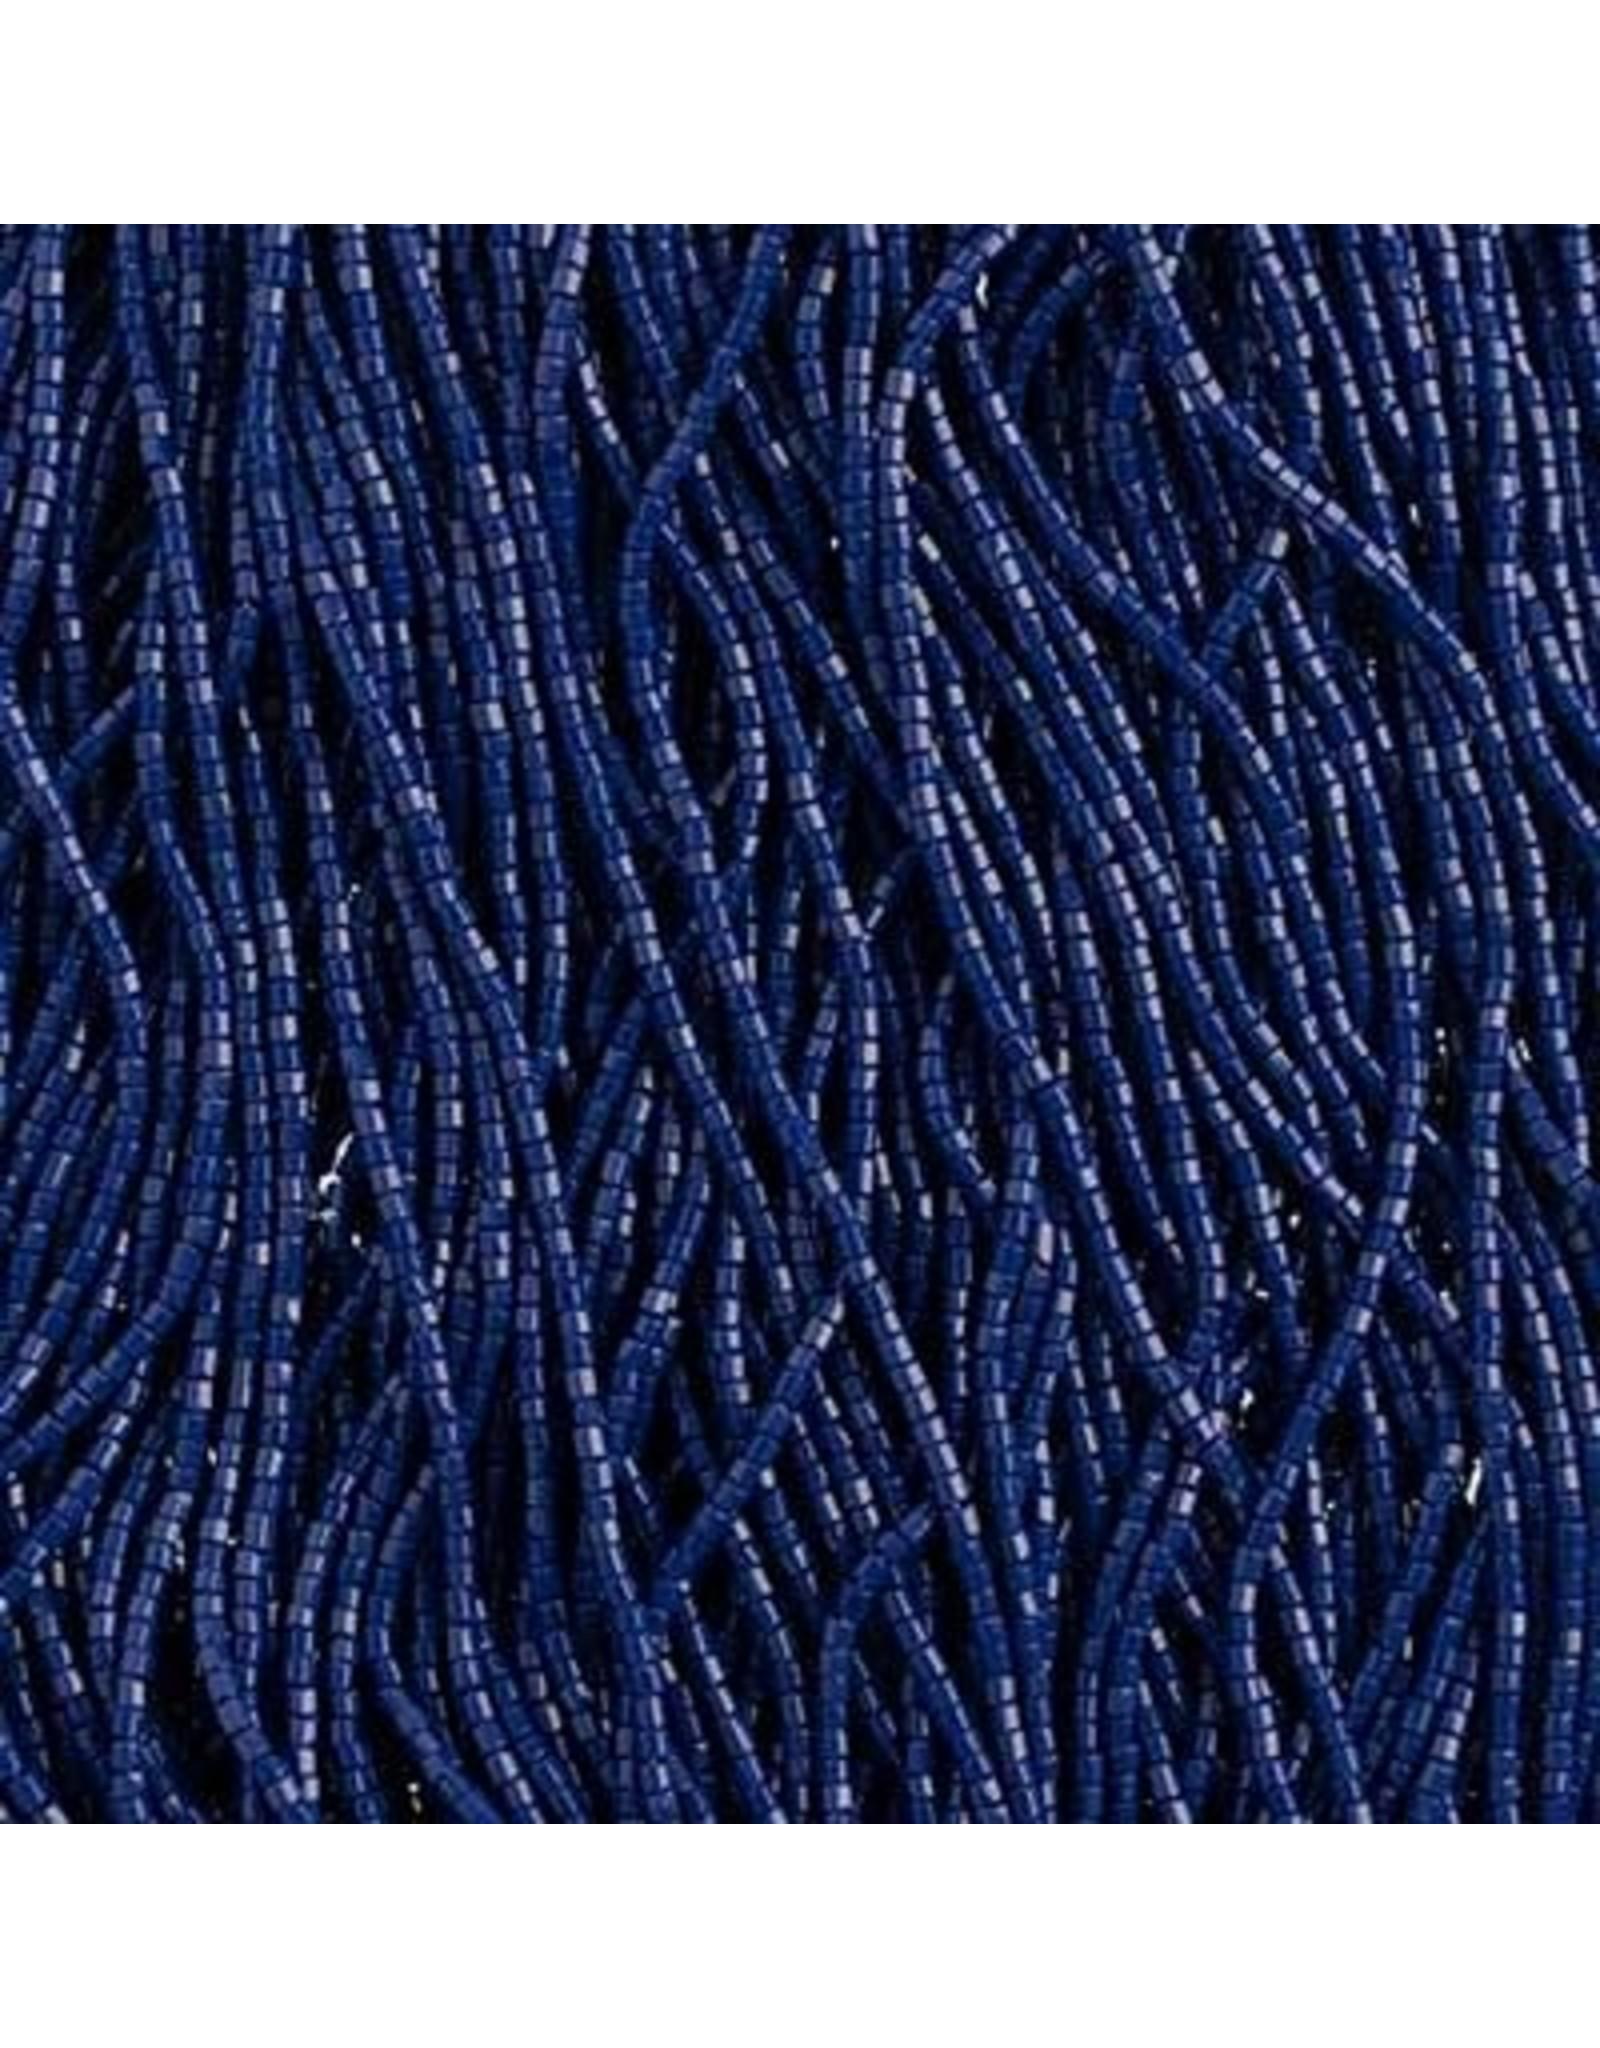 Czech 29349 10/0 2 Cut Seed Hank 20g  Opaque Royal Blue